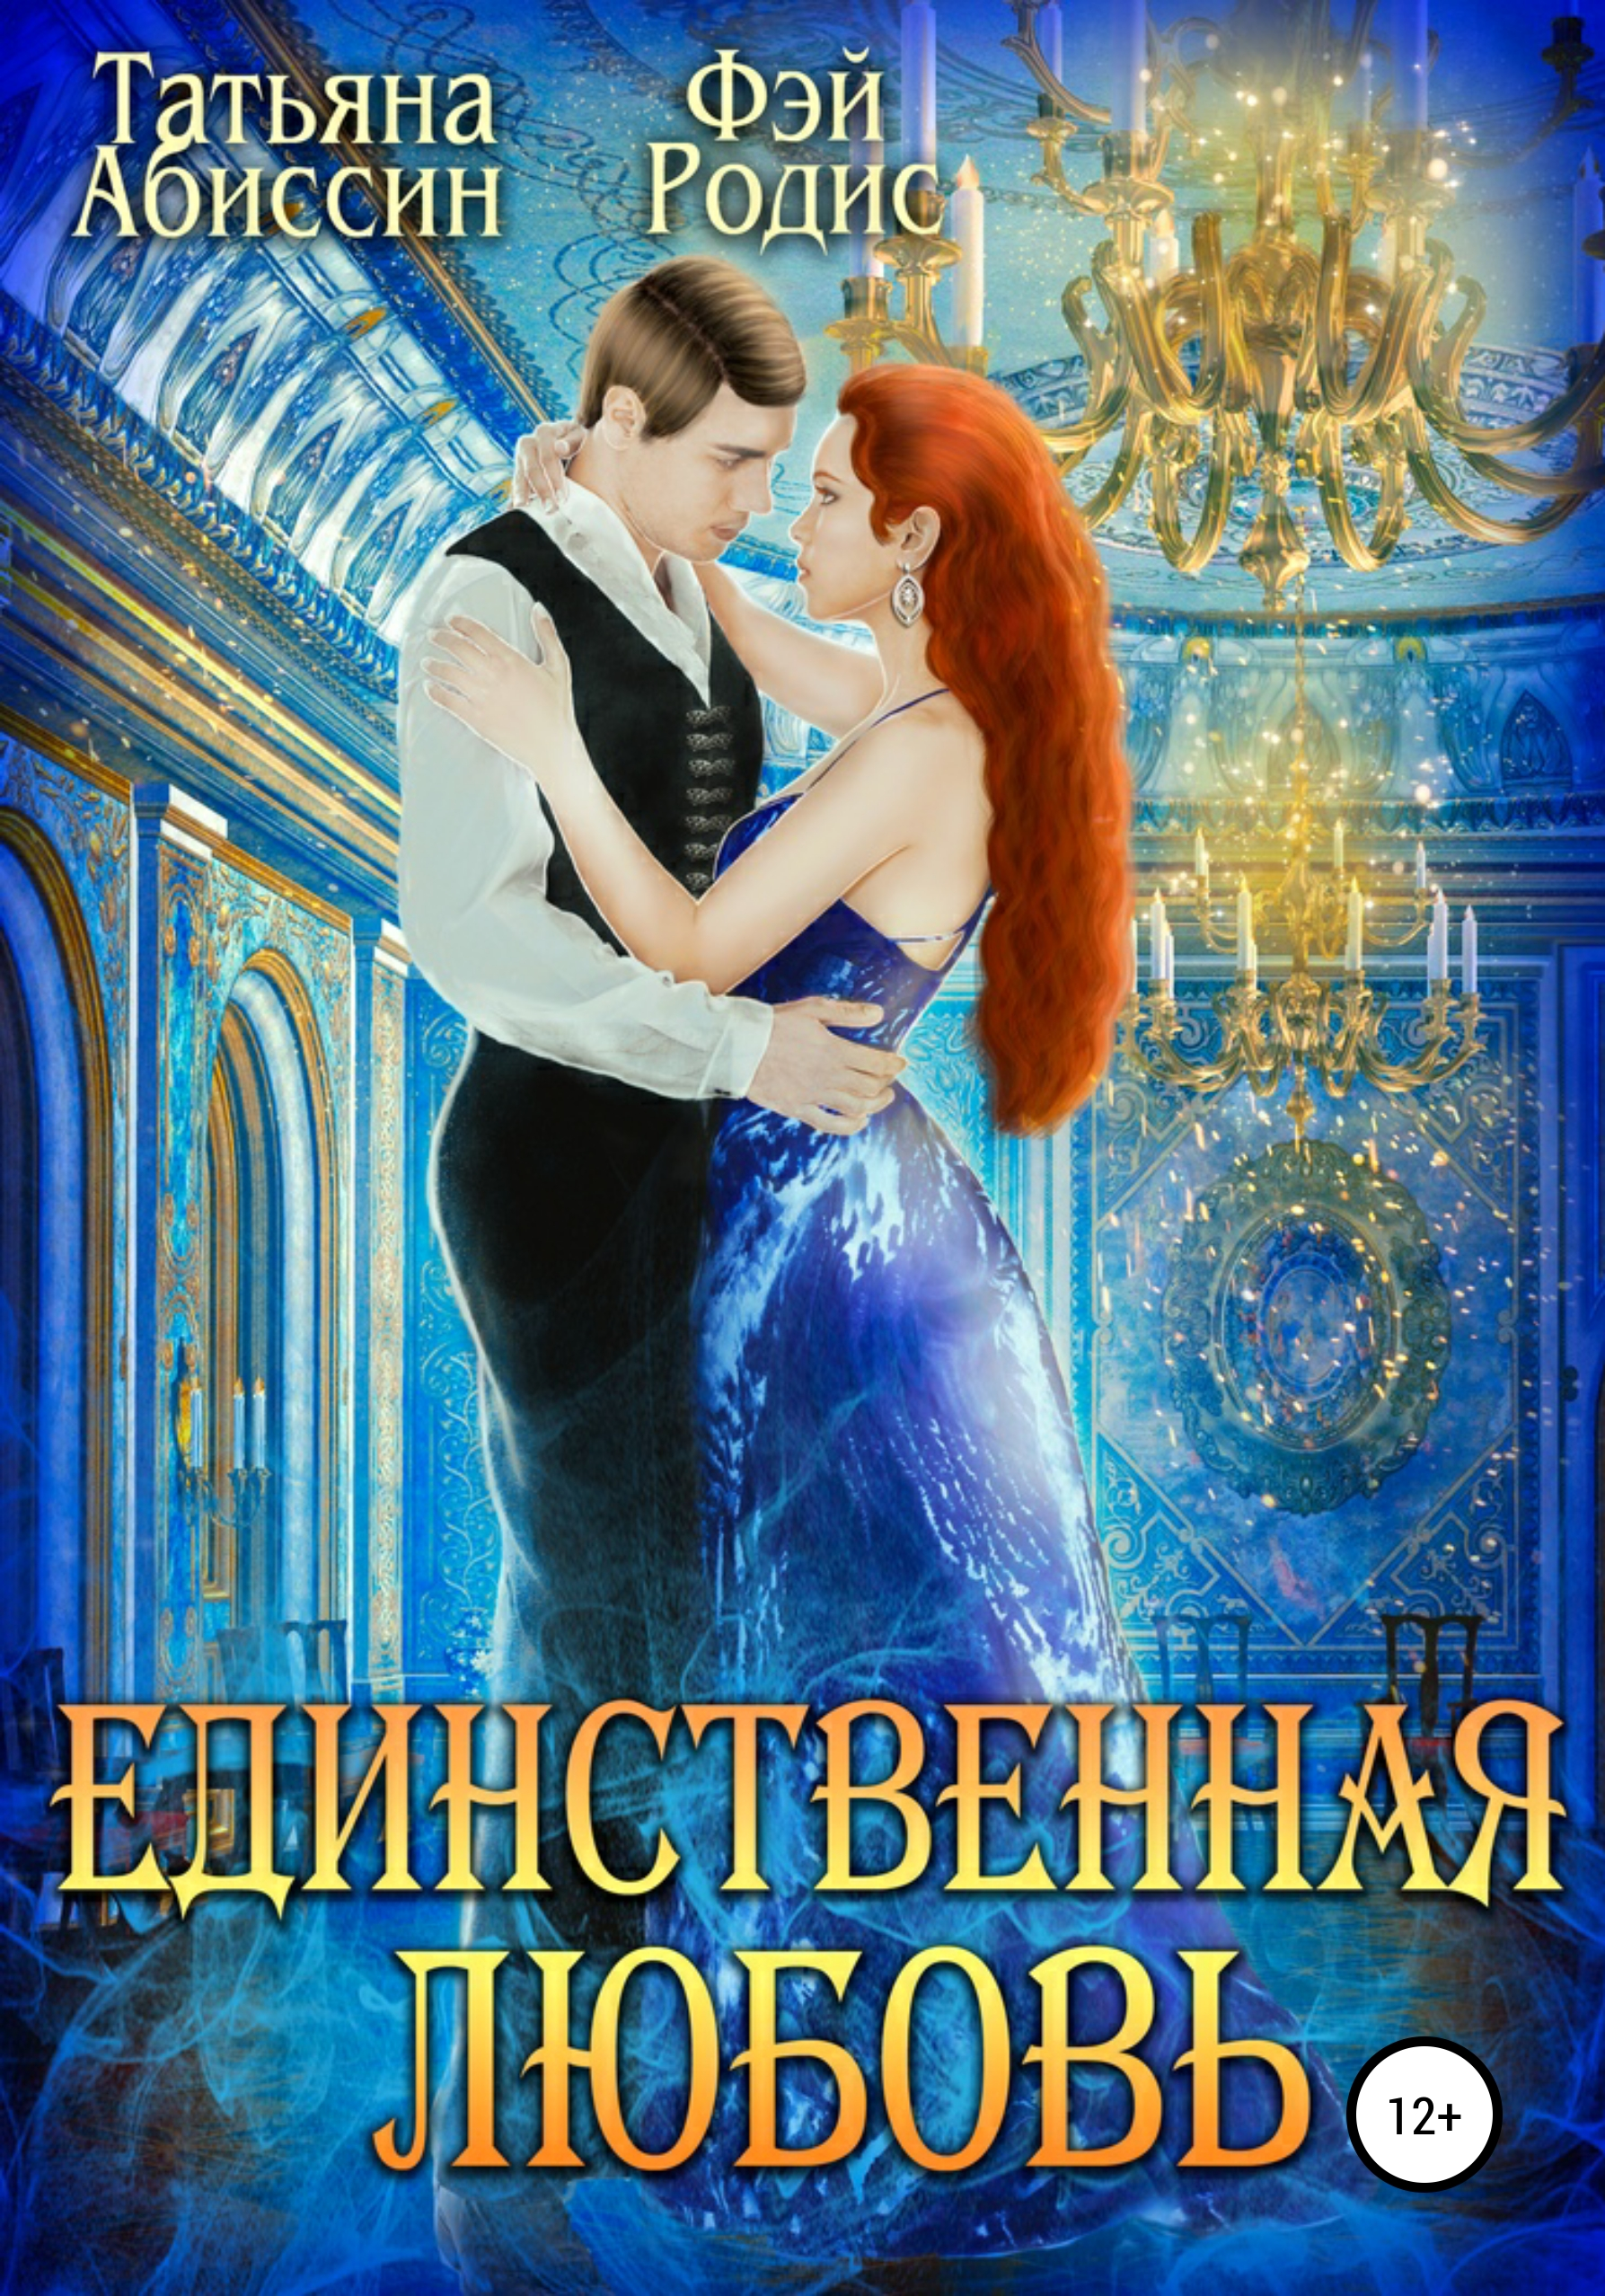 Татьяна Абиссин Единственная любовь татьяна абиссин странница